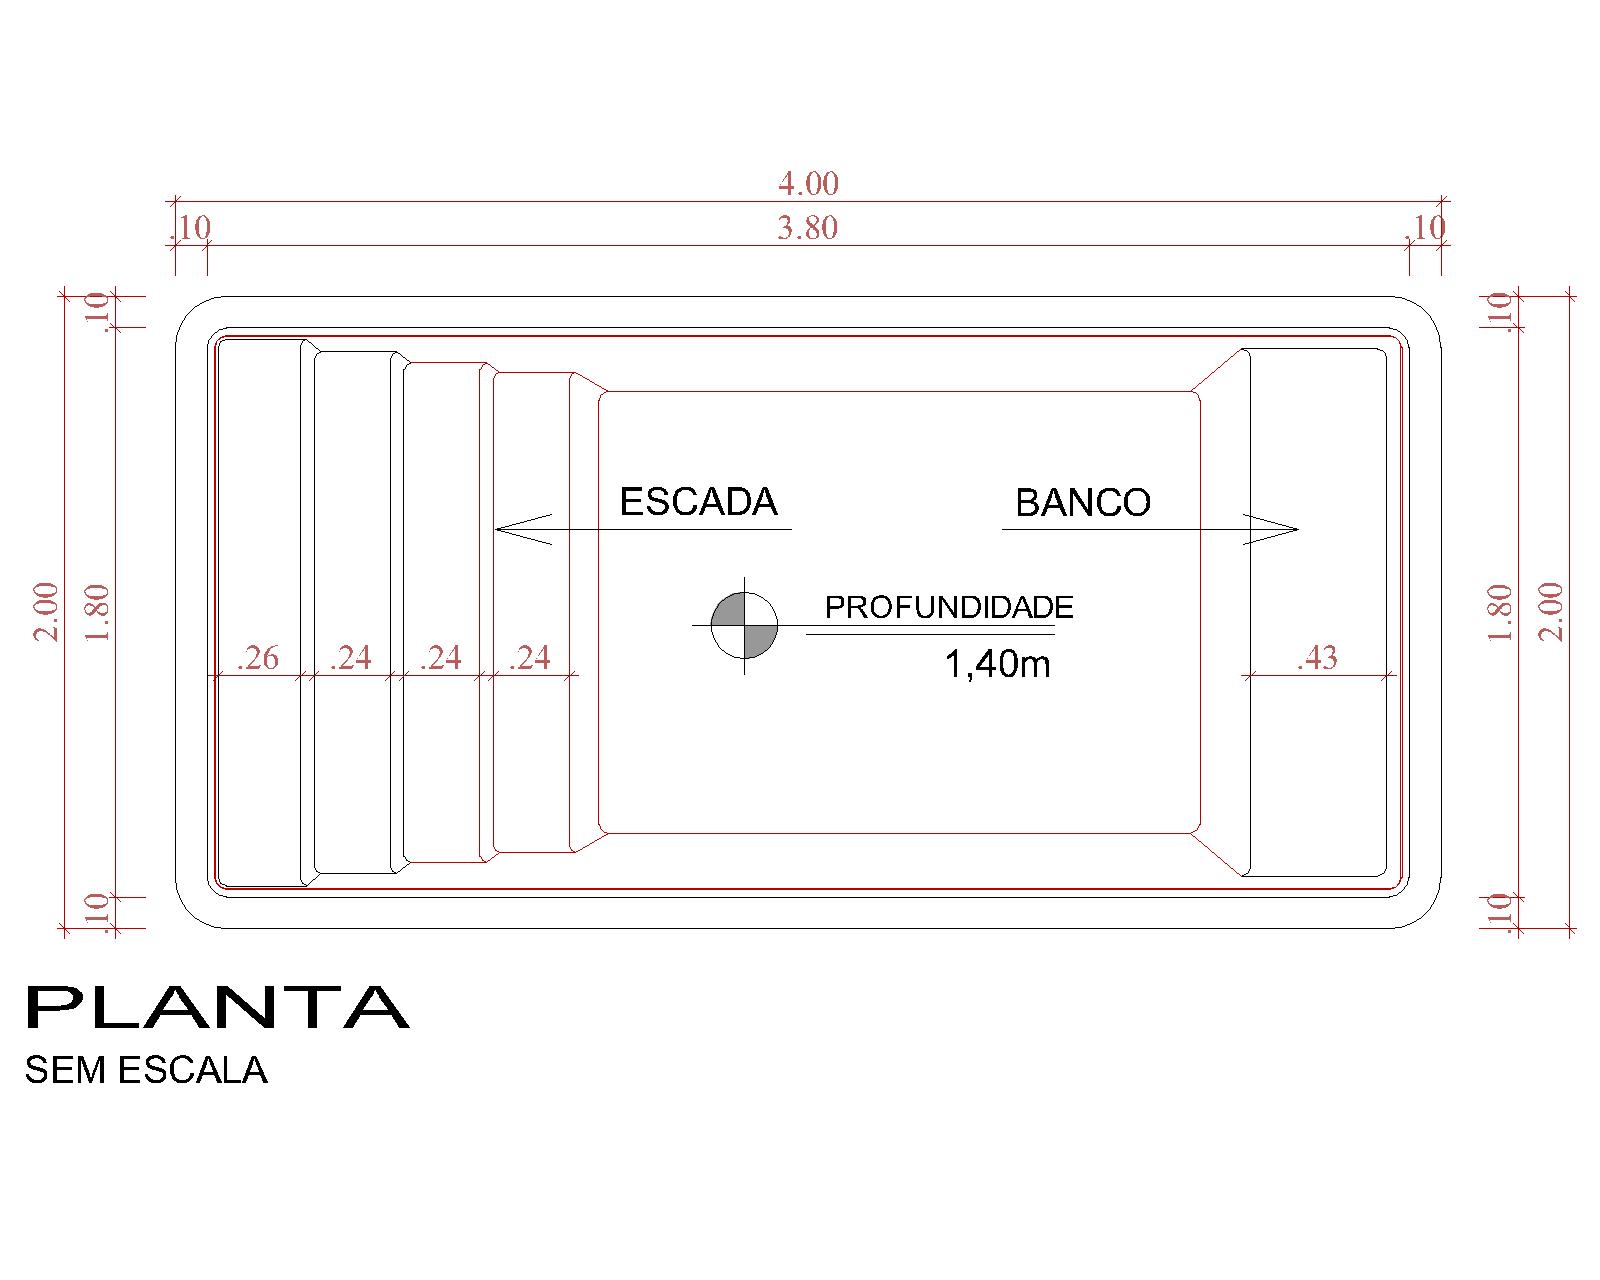 Desenho técnico Panamá (sem escala)